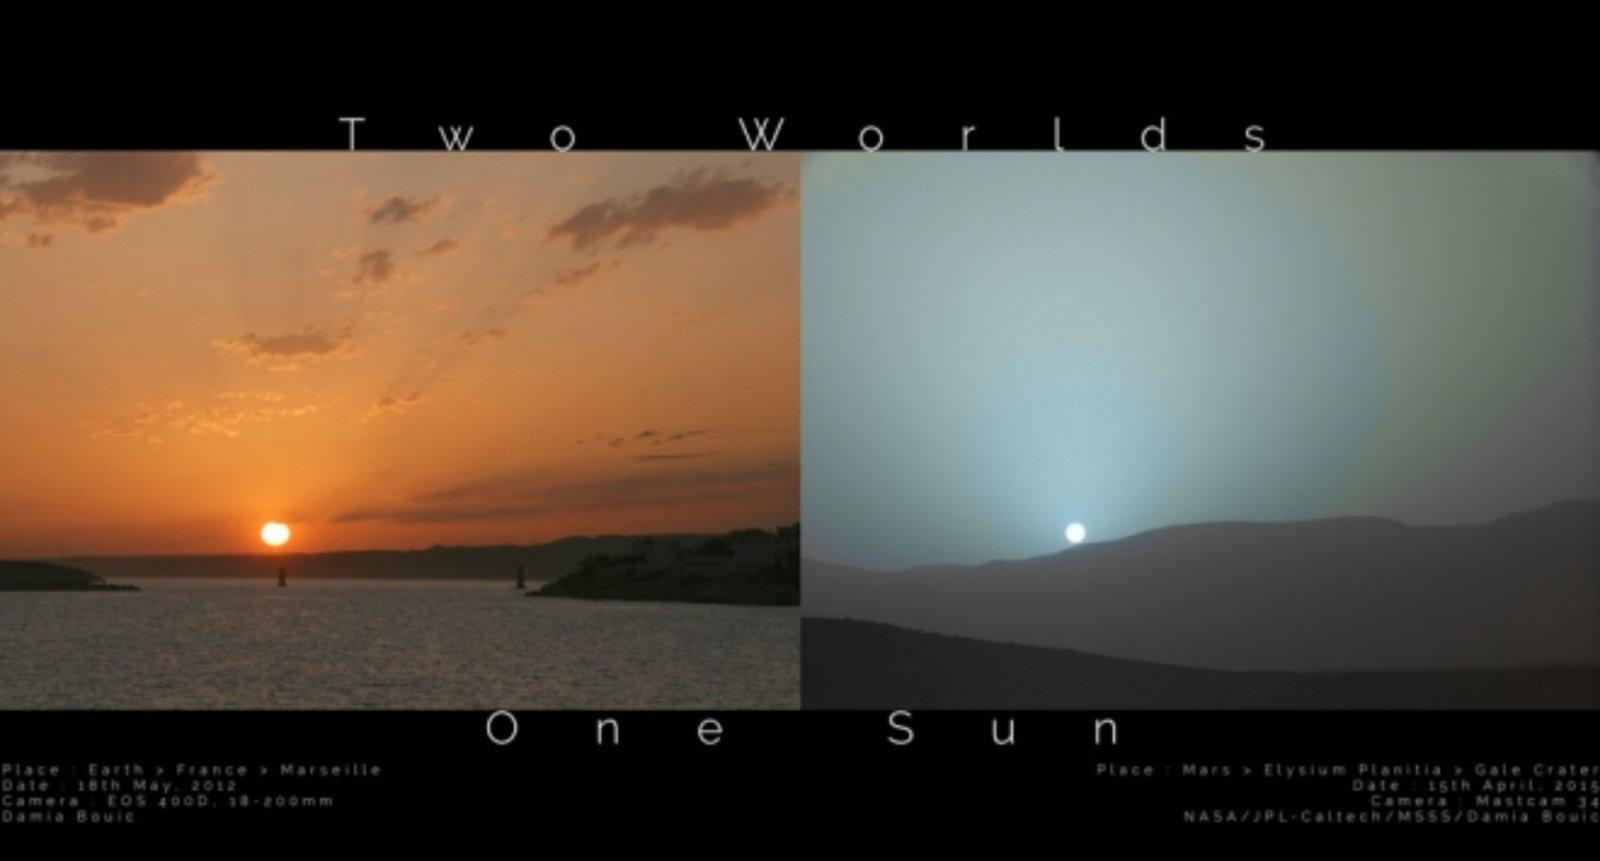 Du pasauliai, viena Saulė: kuo skiriasi saulėlydžiai Marse ir Žemėje?